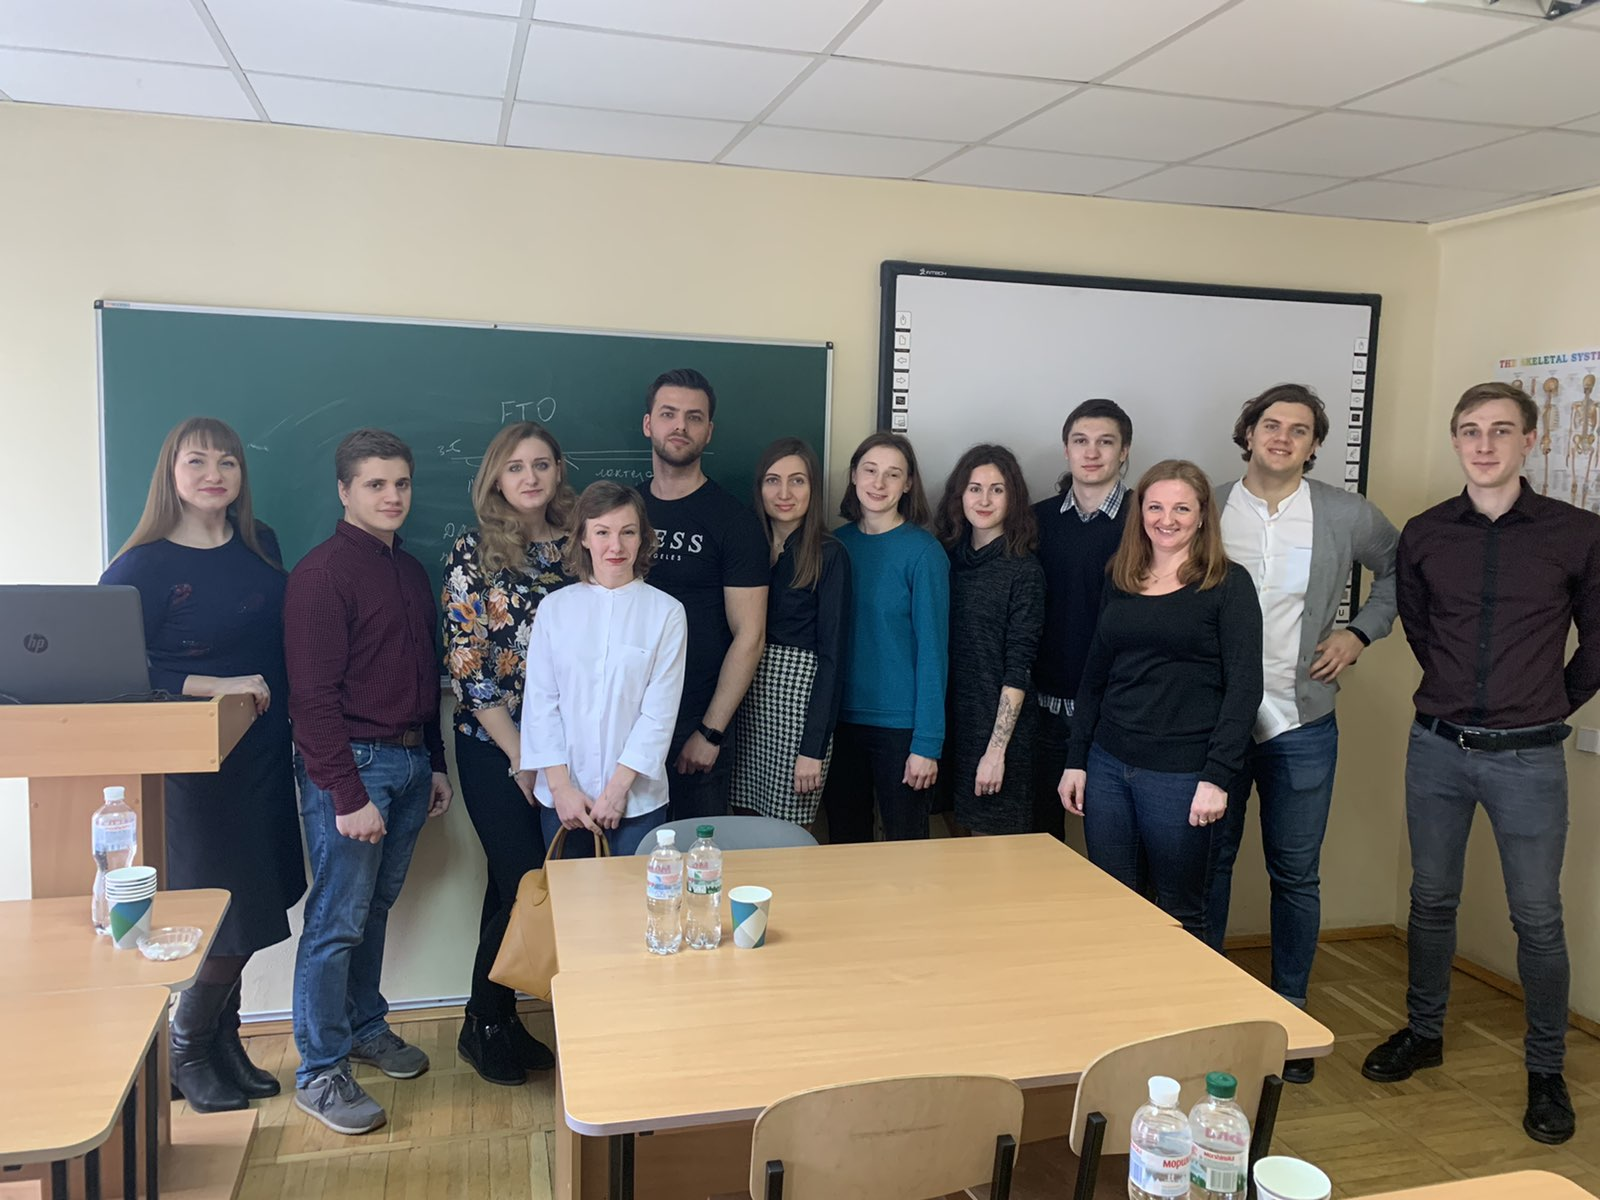 10 березня 2020 року відбулася Наукова конференція товариства молодих вчених кафедри медико-біологічних дисциплін НУФВСУ